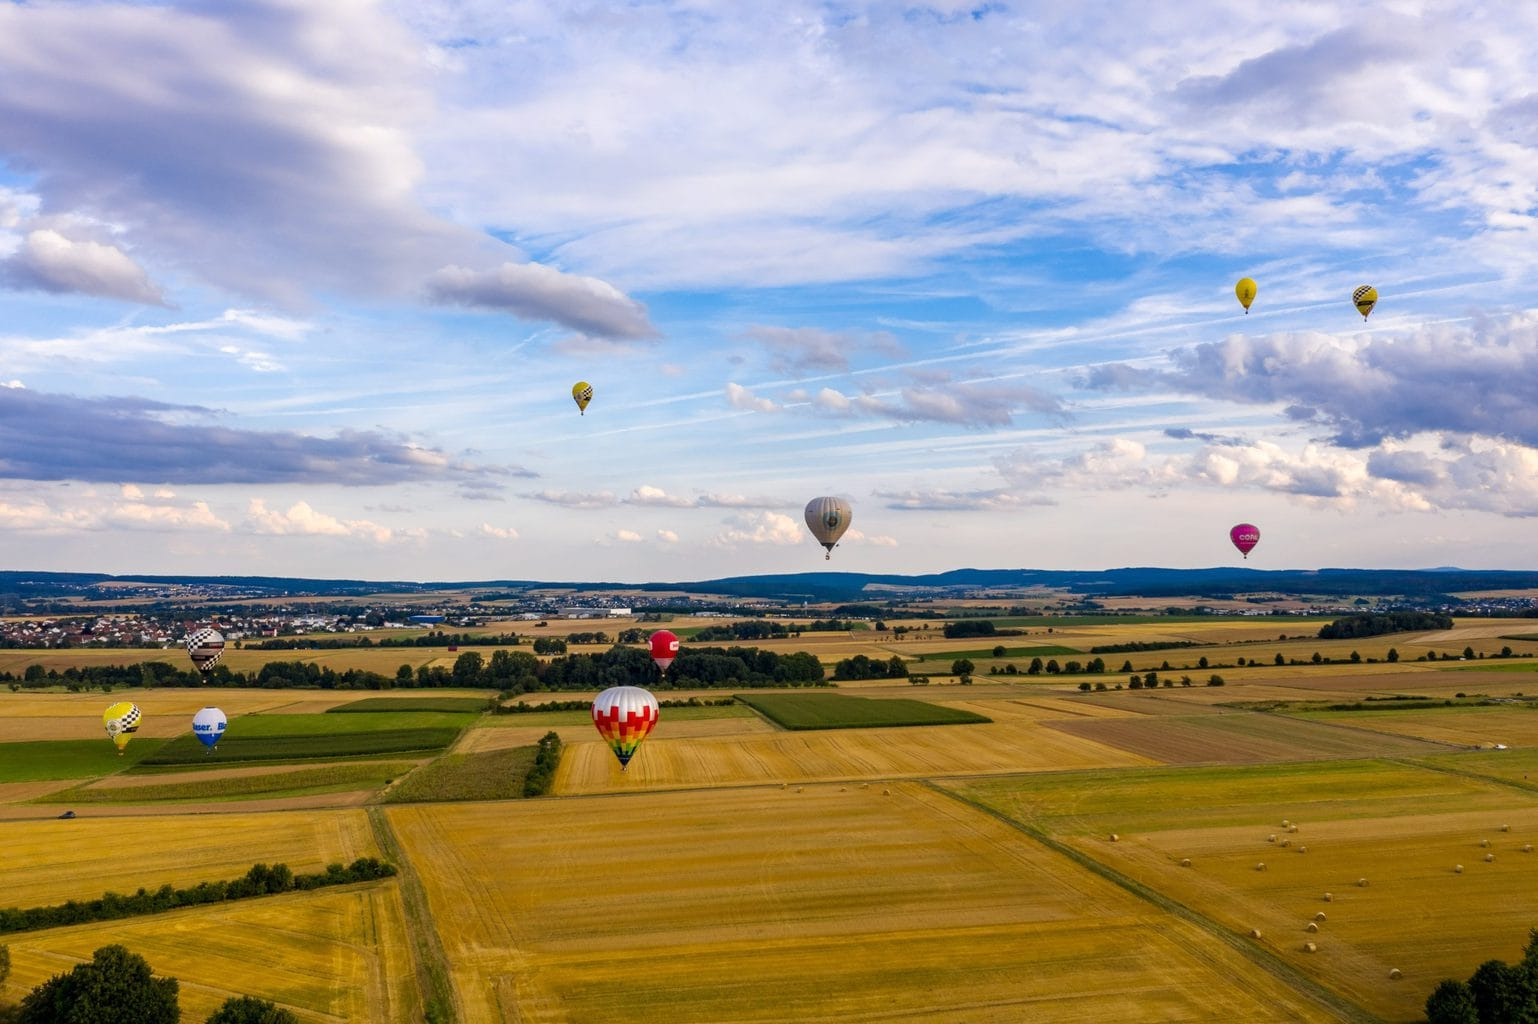 Luchtballons boven een landschap in het Duitse Hessen met op de achtergrond huevels